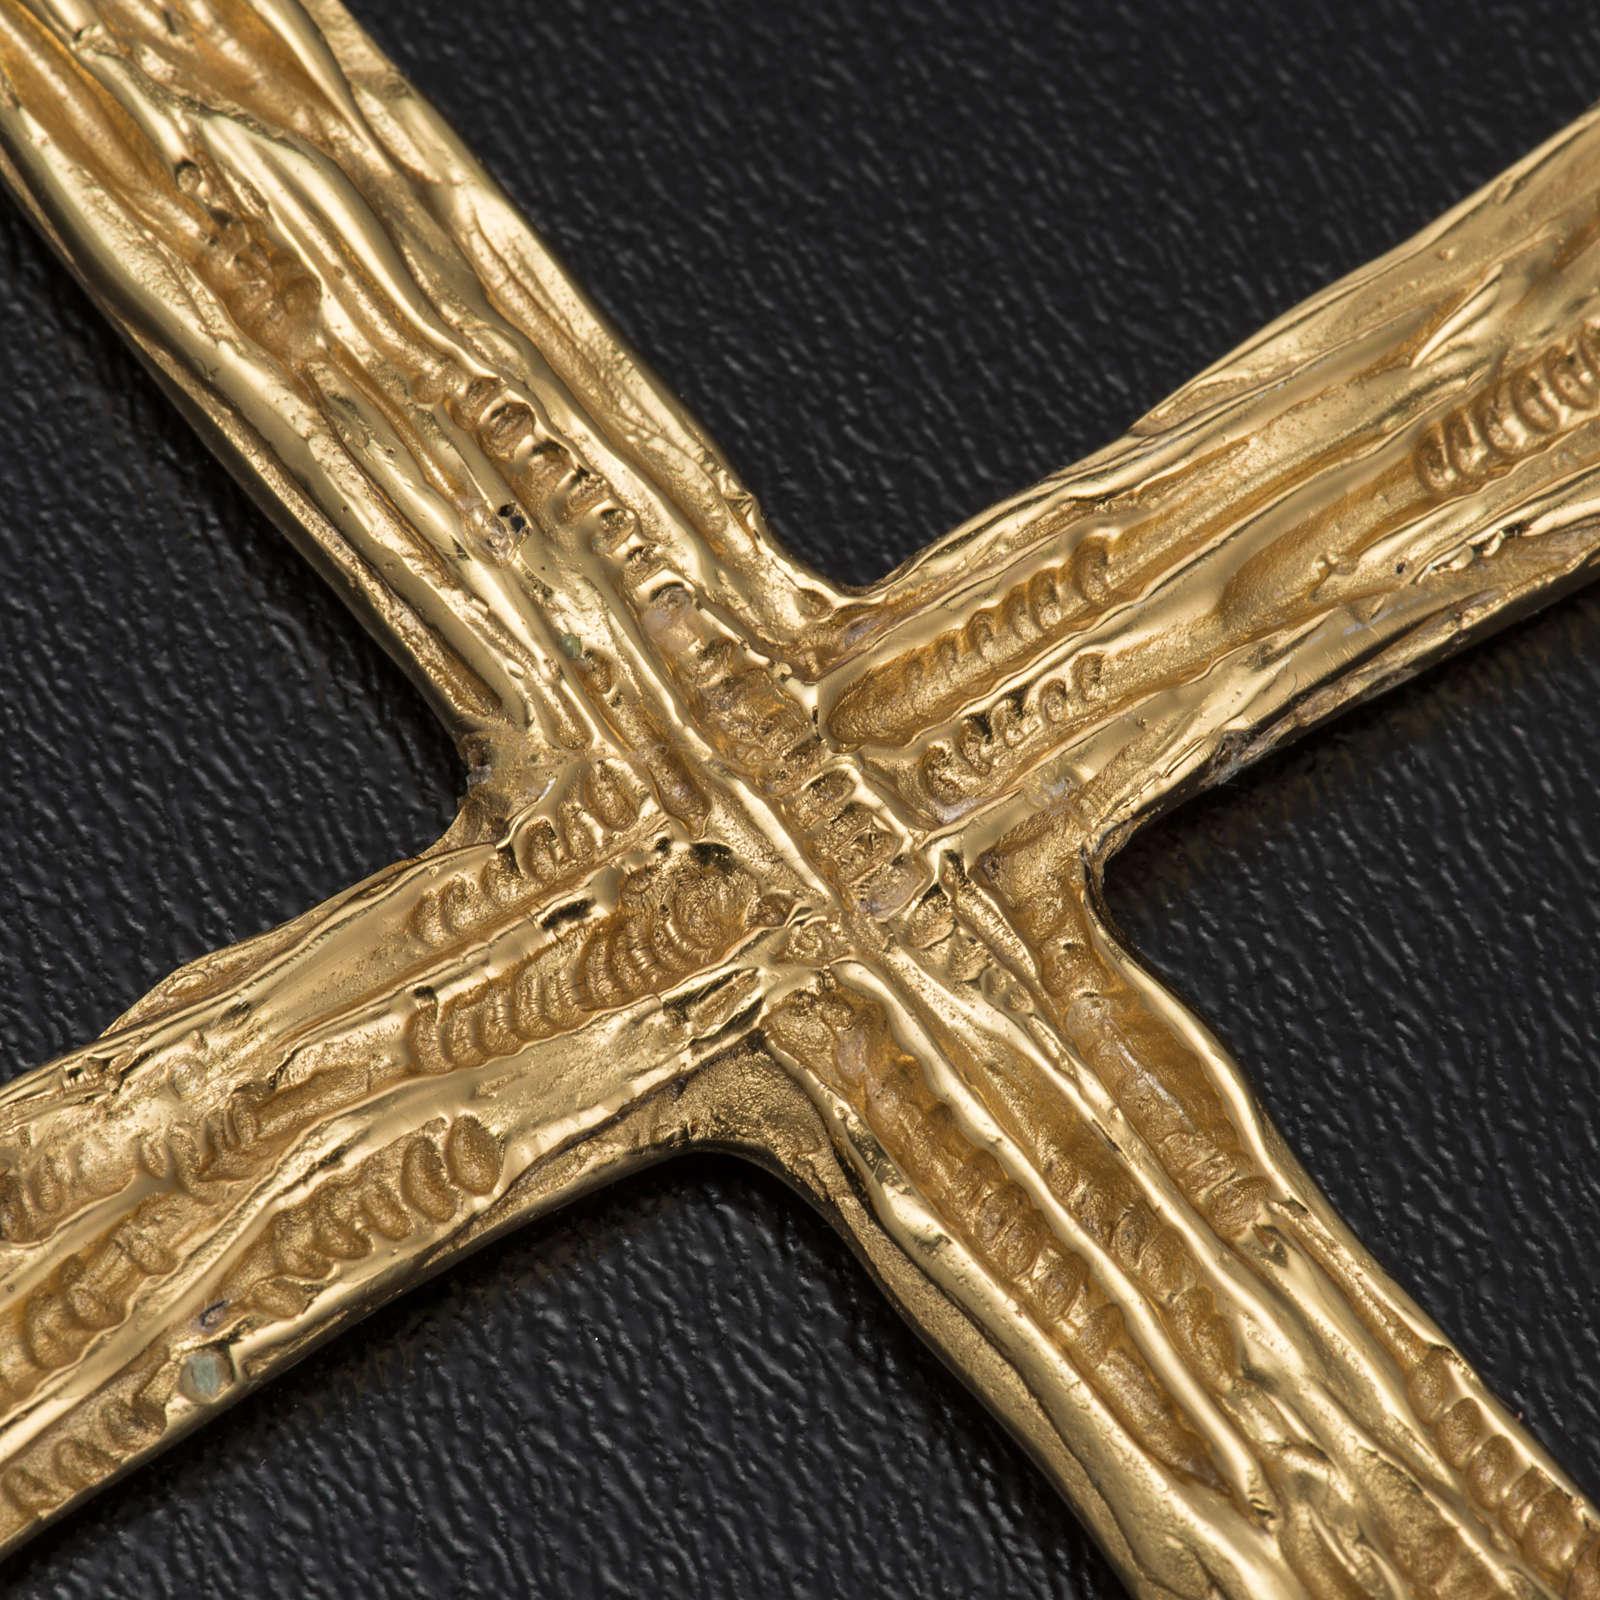 Croce pettorale per vescovo argento 925 dorato 3